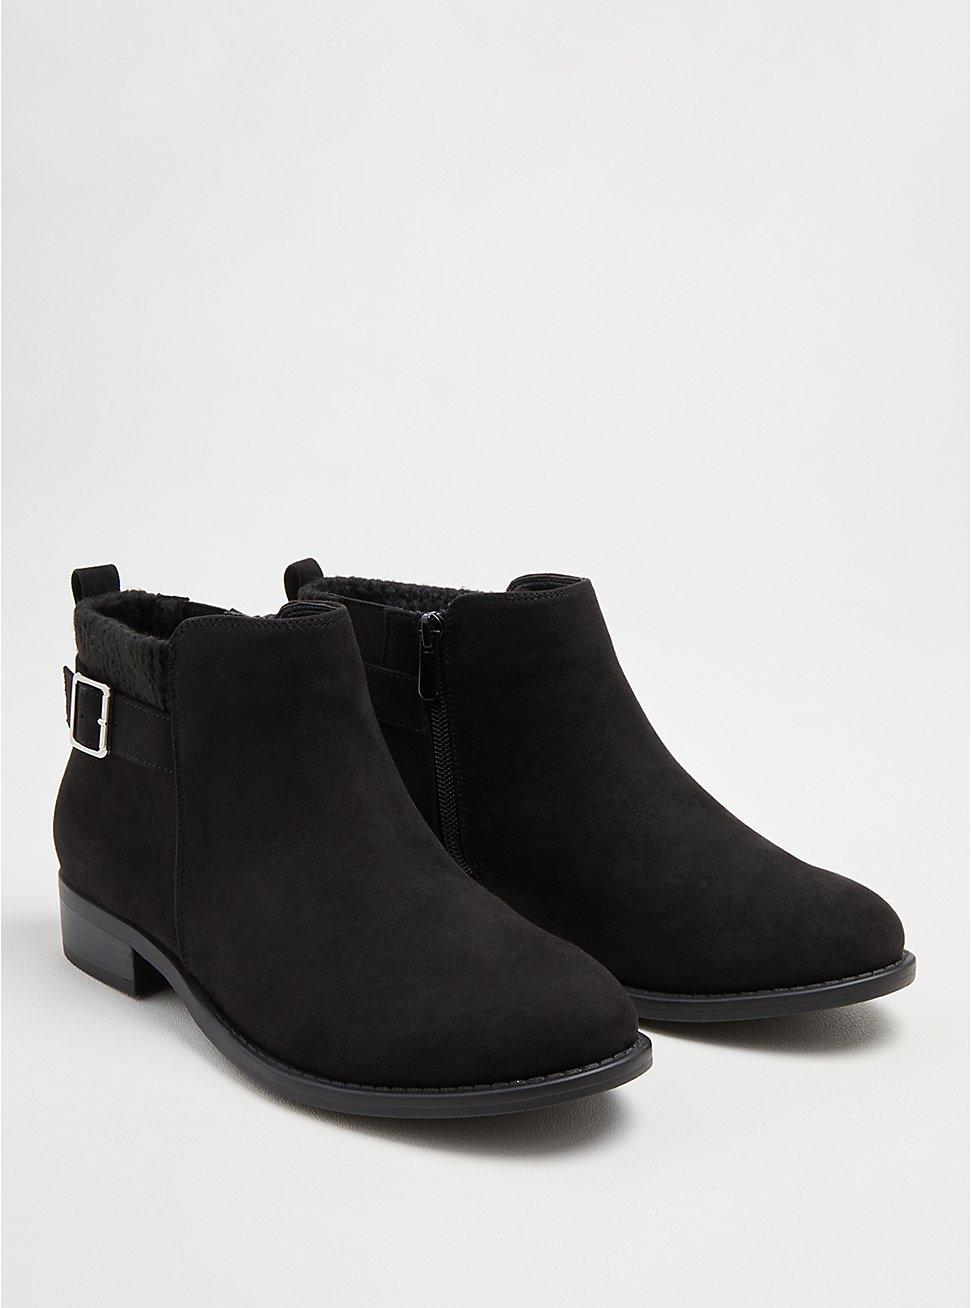 Plus Size Sweater Bootie - Black Faux Suede (WW), BLACK, hi-res